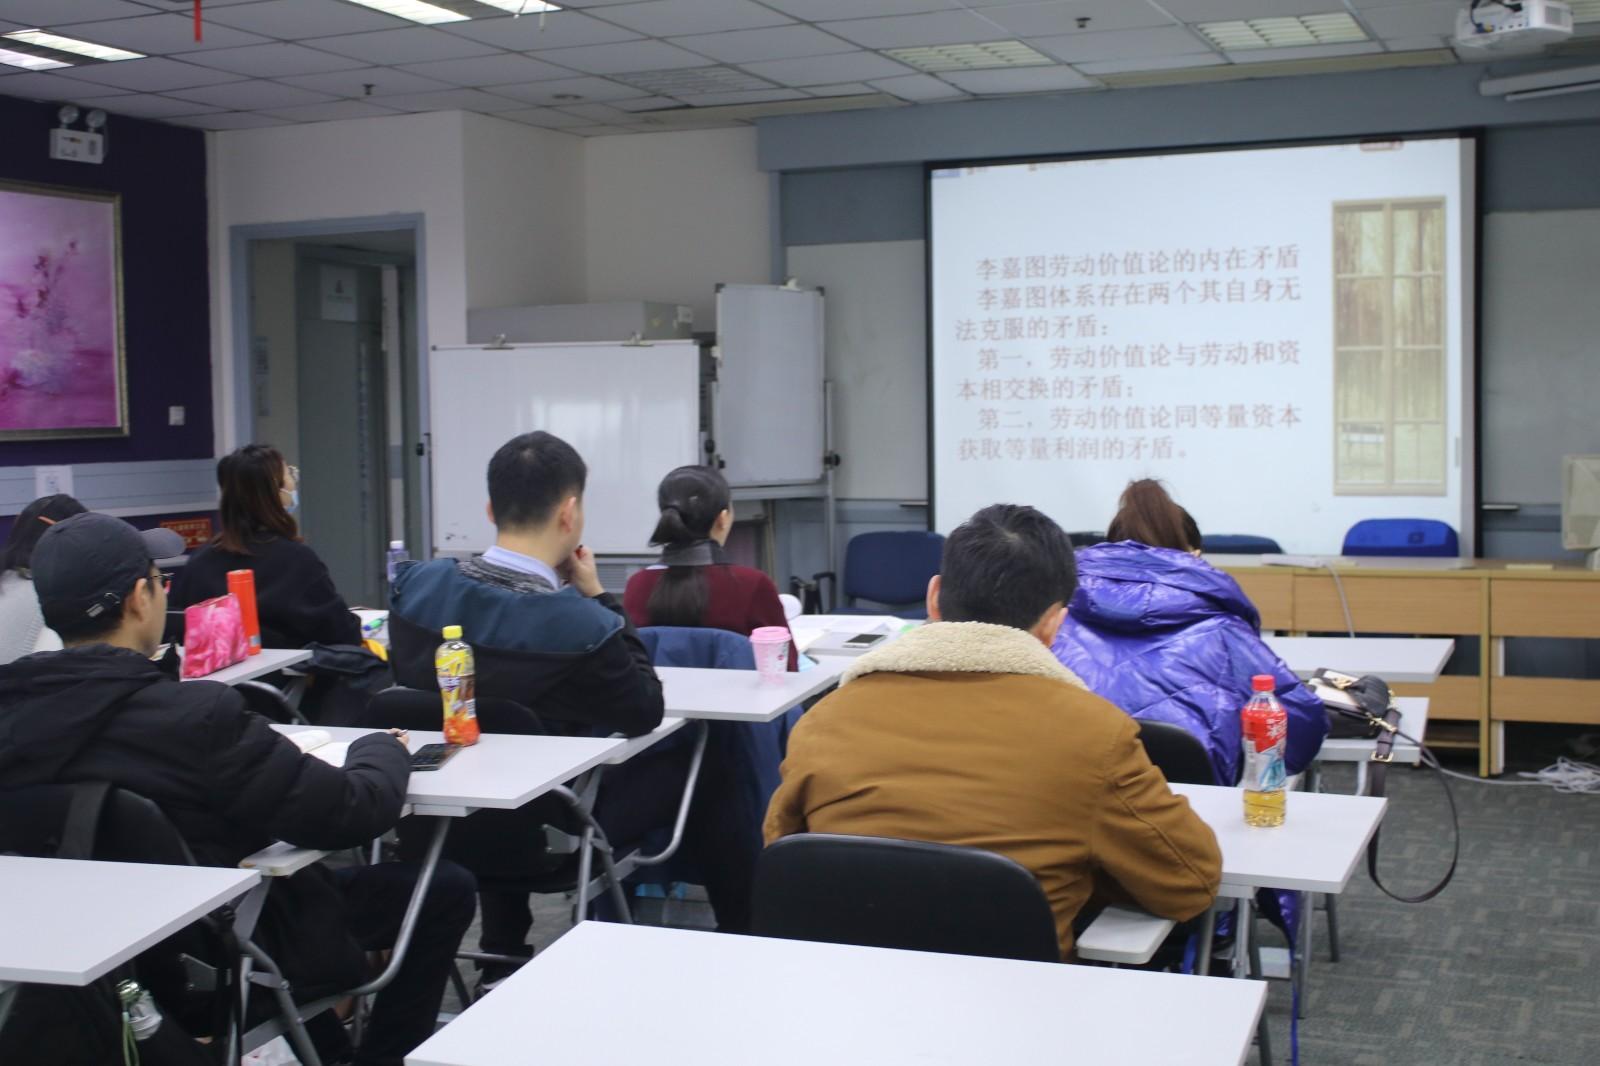 上海人大人学院上课图集